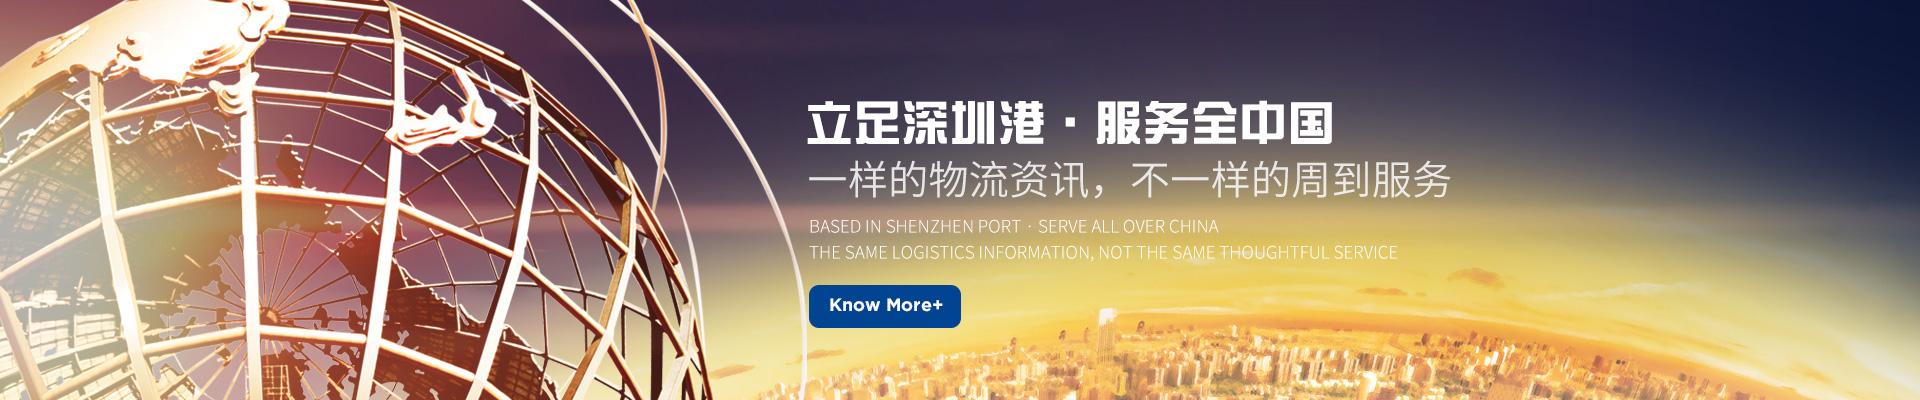 南凯物流:立足深圳港 · 服务全中国